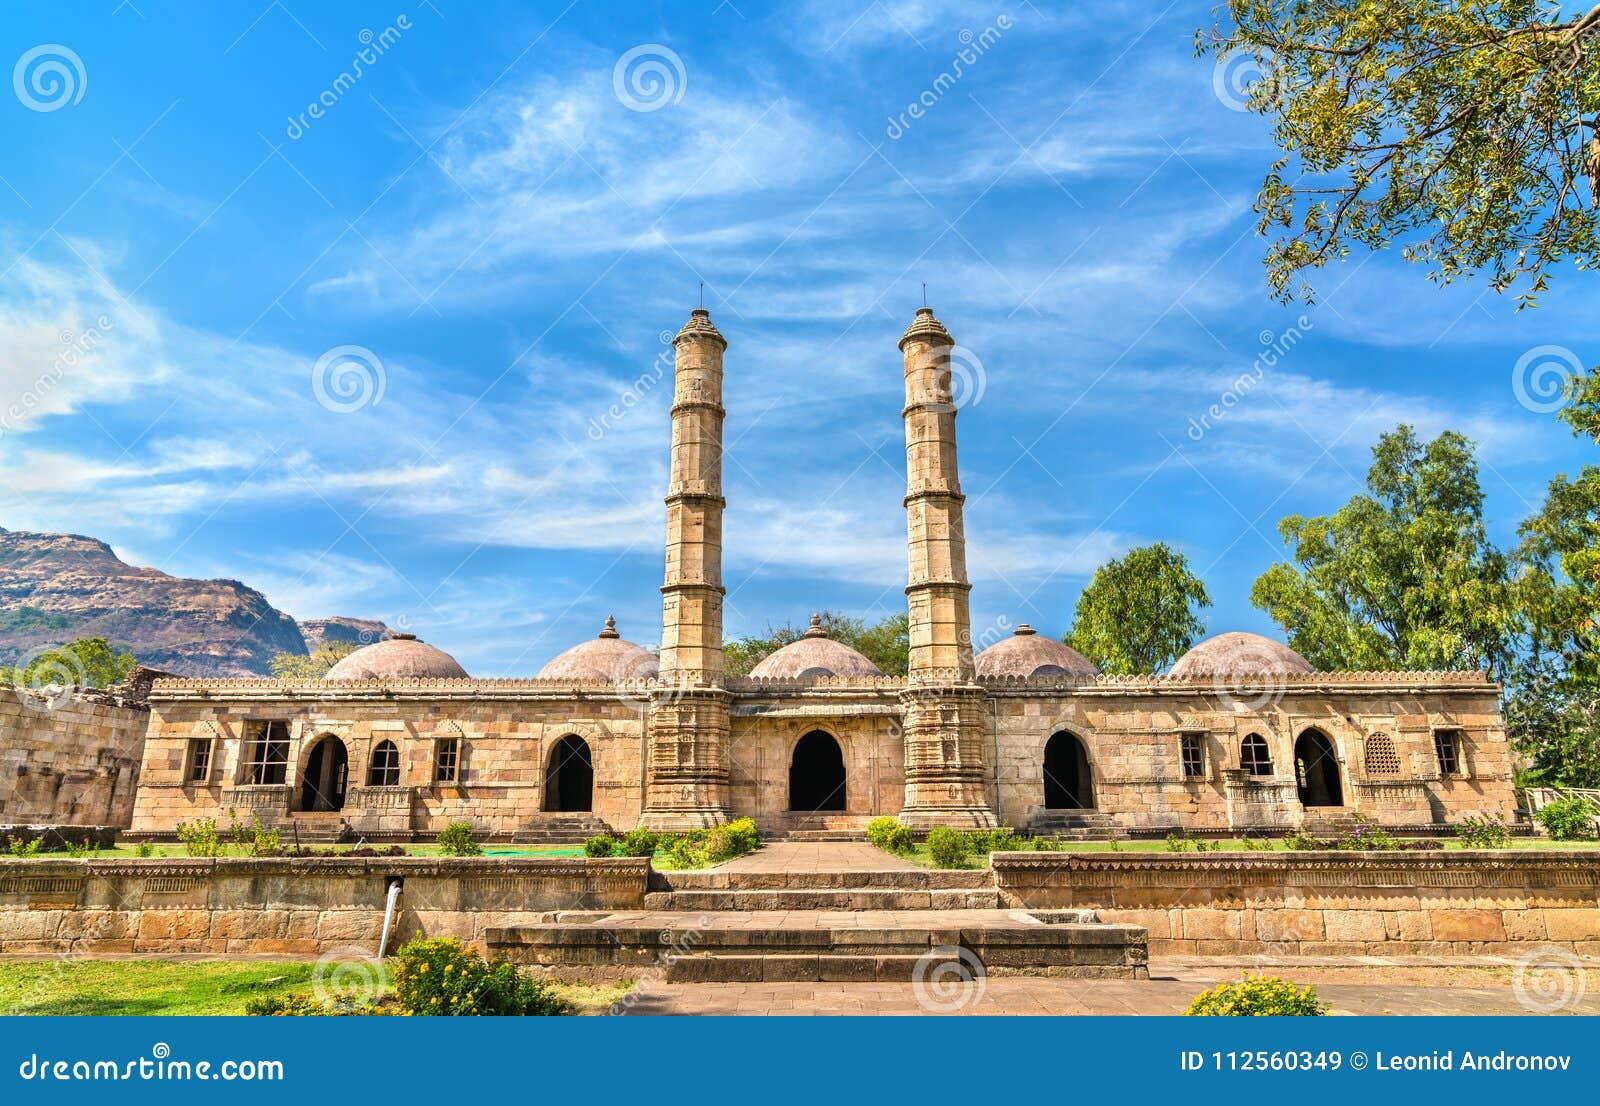 Sahara Ki Masjid przy Champaner-Pavagadh Archeologicznym parkiem UNESCO dziedzictwa miejsce w Gujarat, India